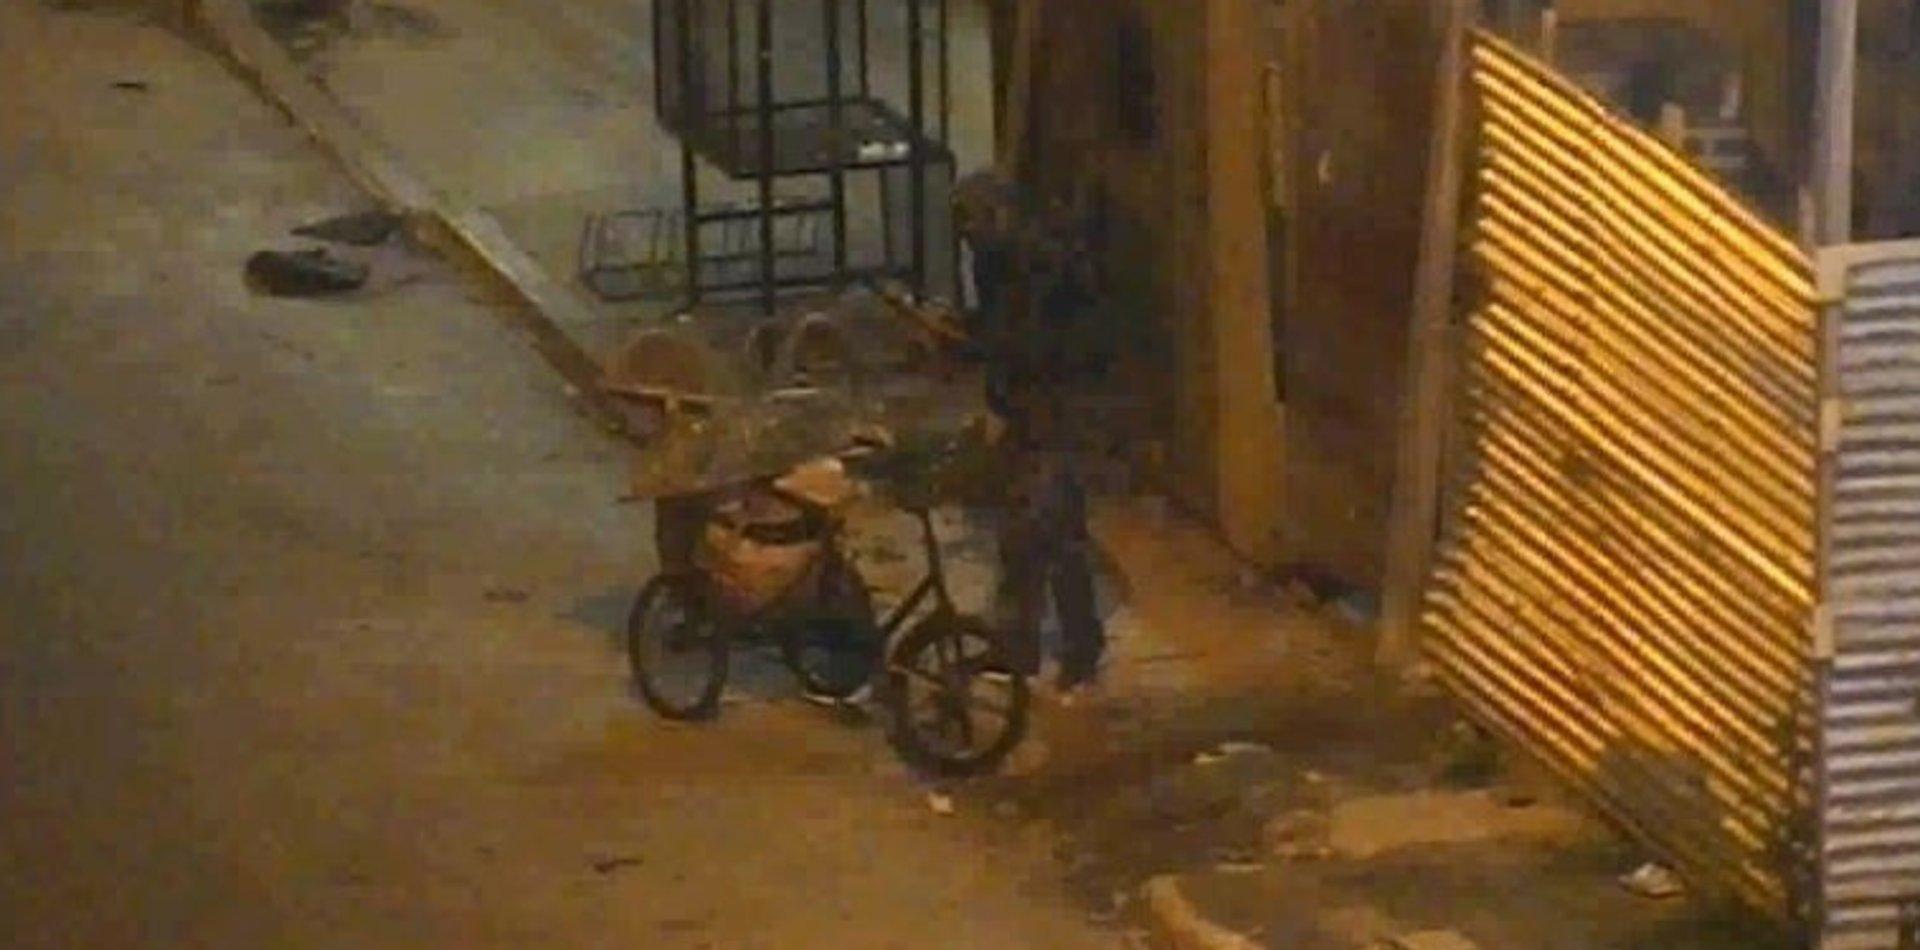 VIDEO: Atraparon a un hombre mientras robaba herramientas de una obra en Ensenada